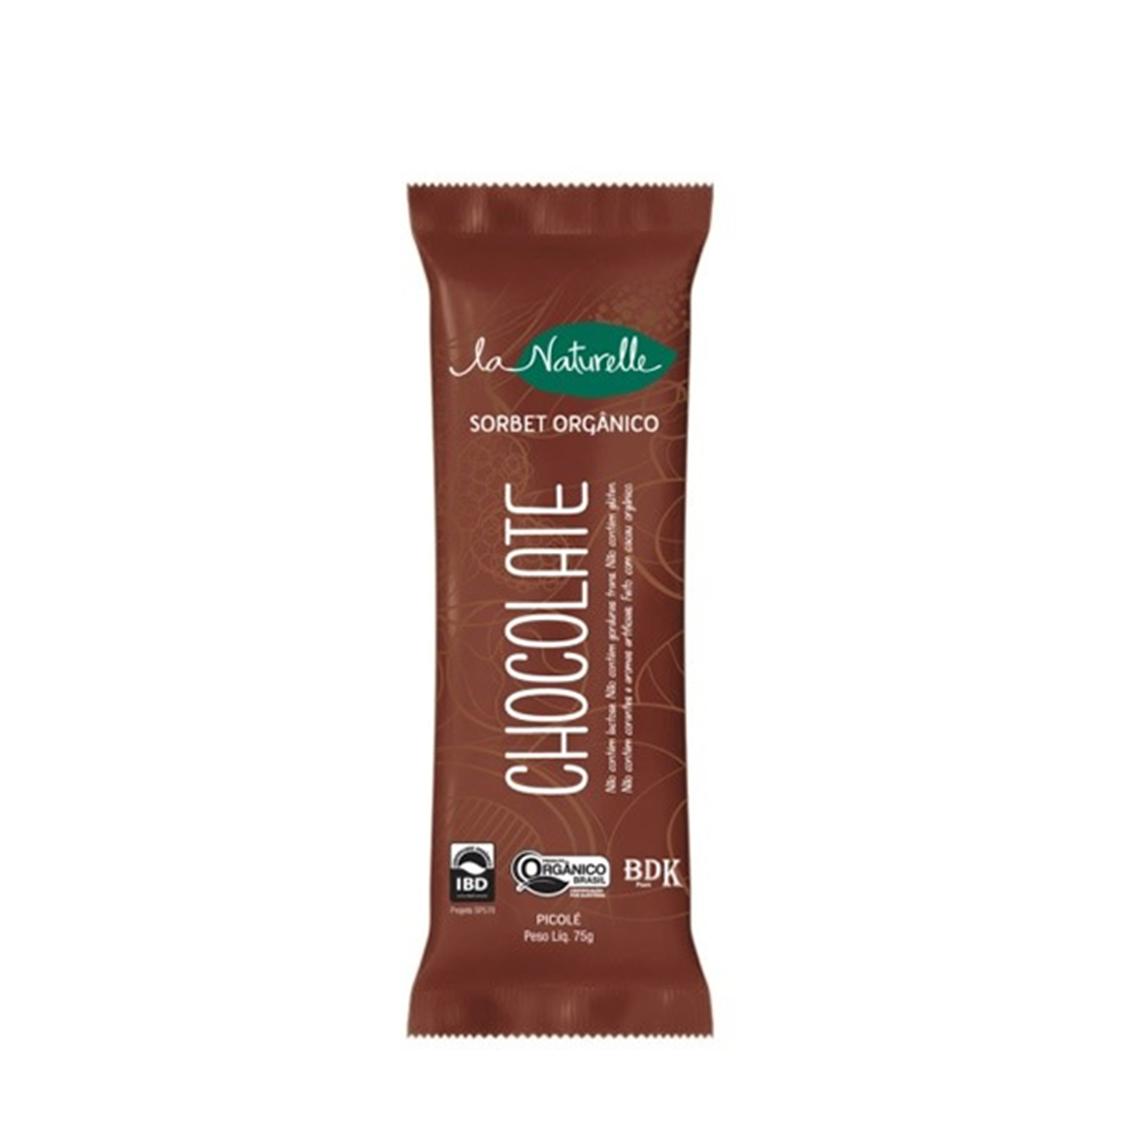 Picolé de Chocolate (75g) – La Naturelle